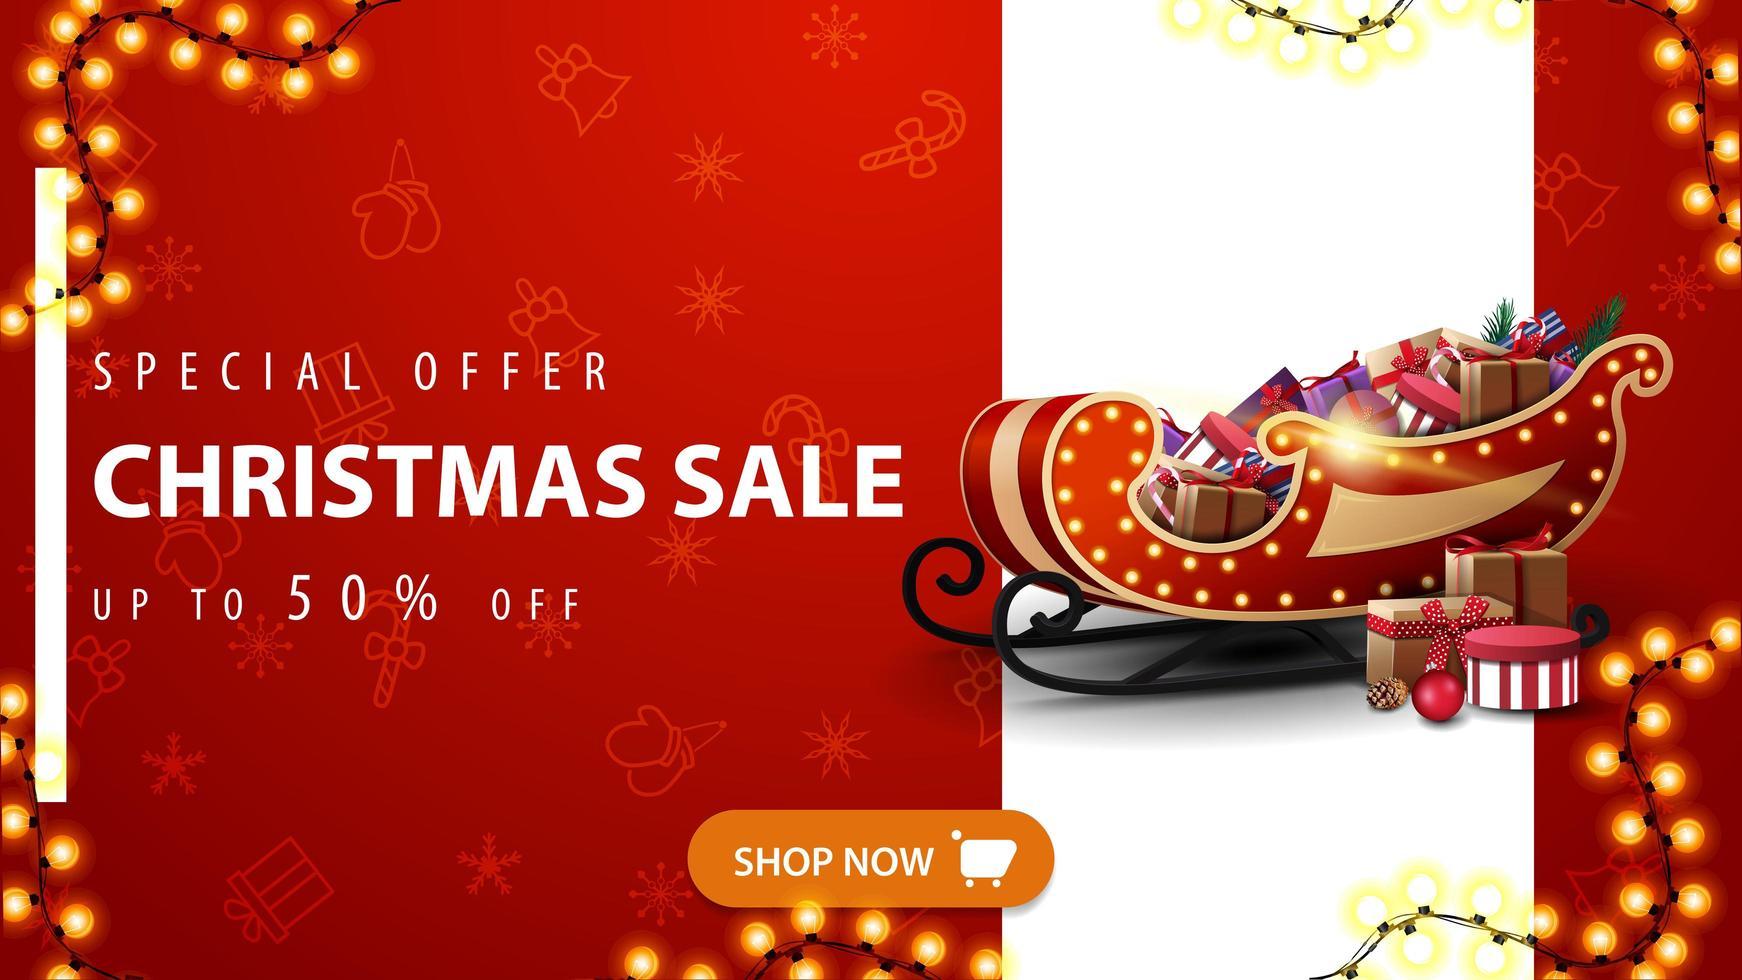 speciale aanbieding, kerstuitverkoop, tot 50 korting, rode kortingsbanner met verticale witte lijn, oranje knop, kerstpatroon en kerstman met cadeautjes vector